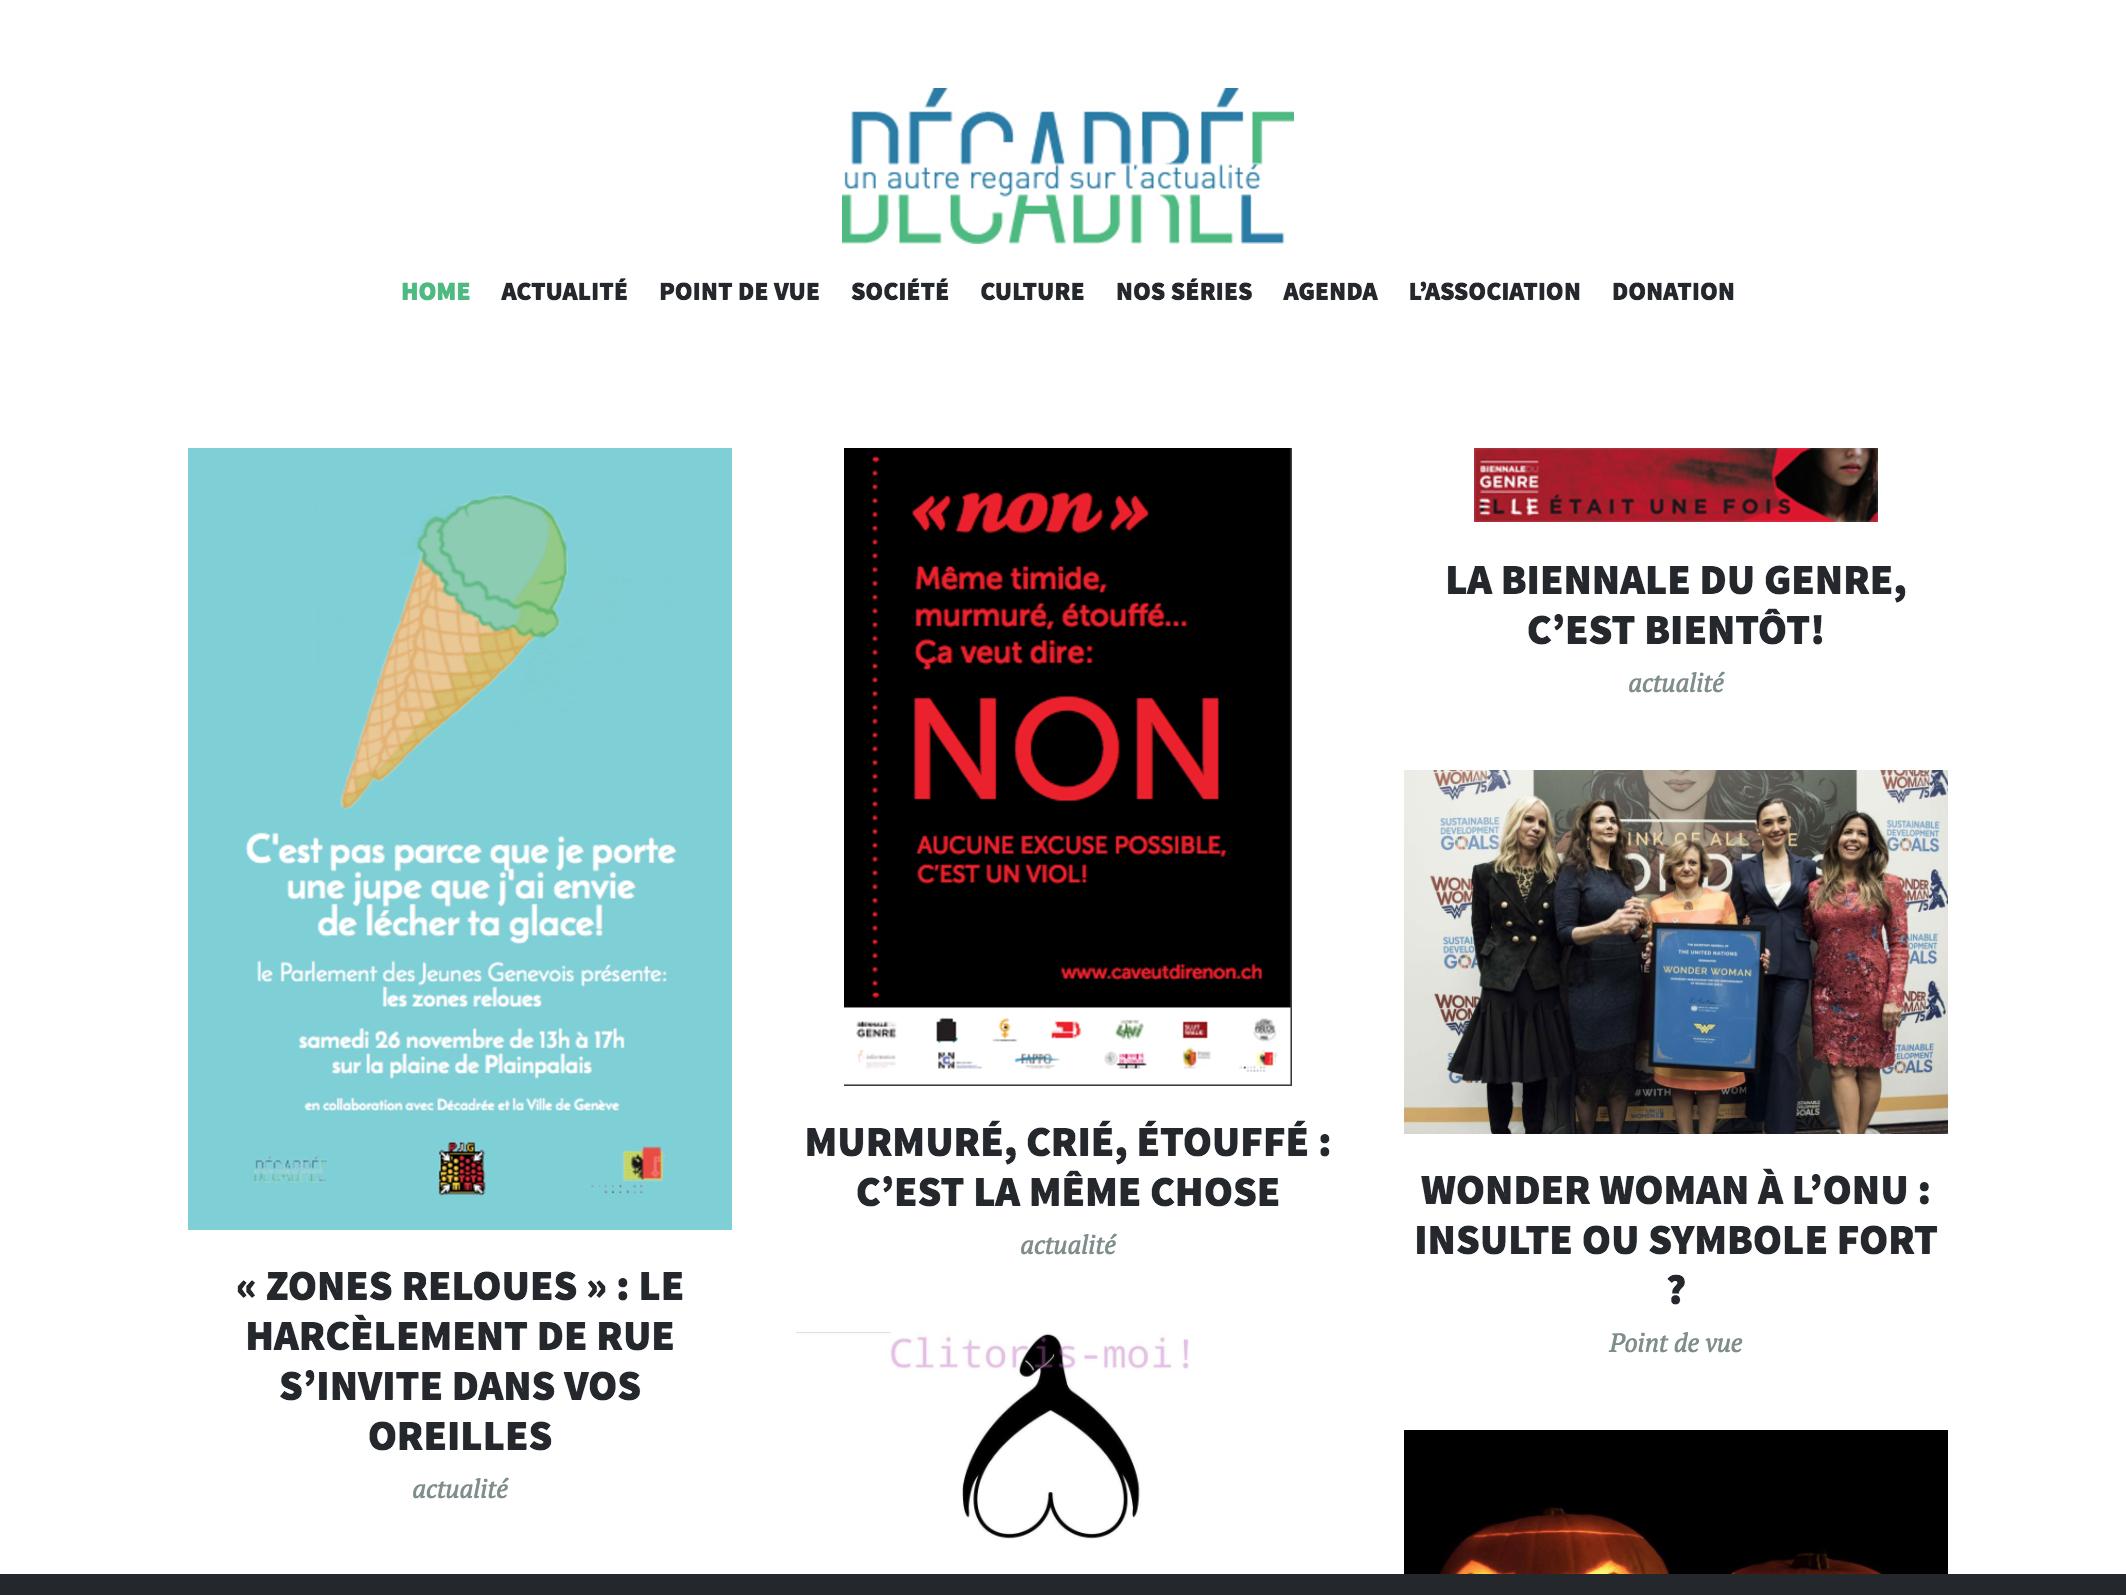 DécadréE – Une association pour promouvoir une presse plus égalitaire